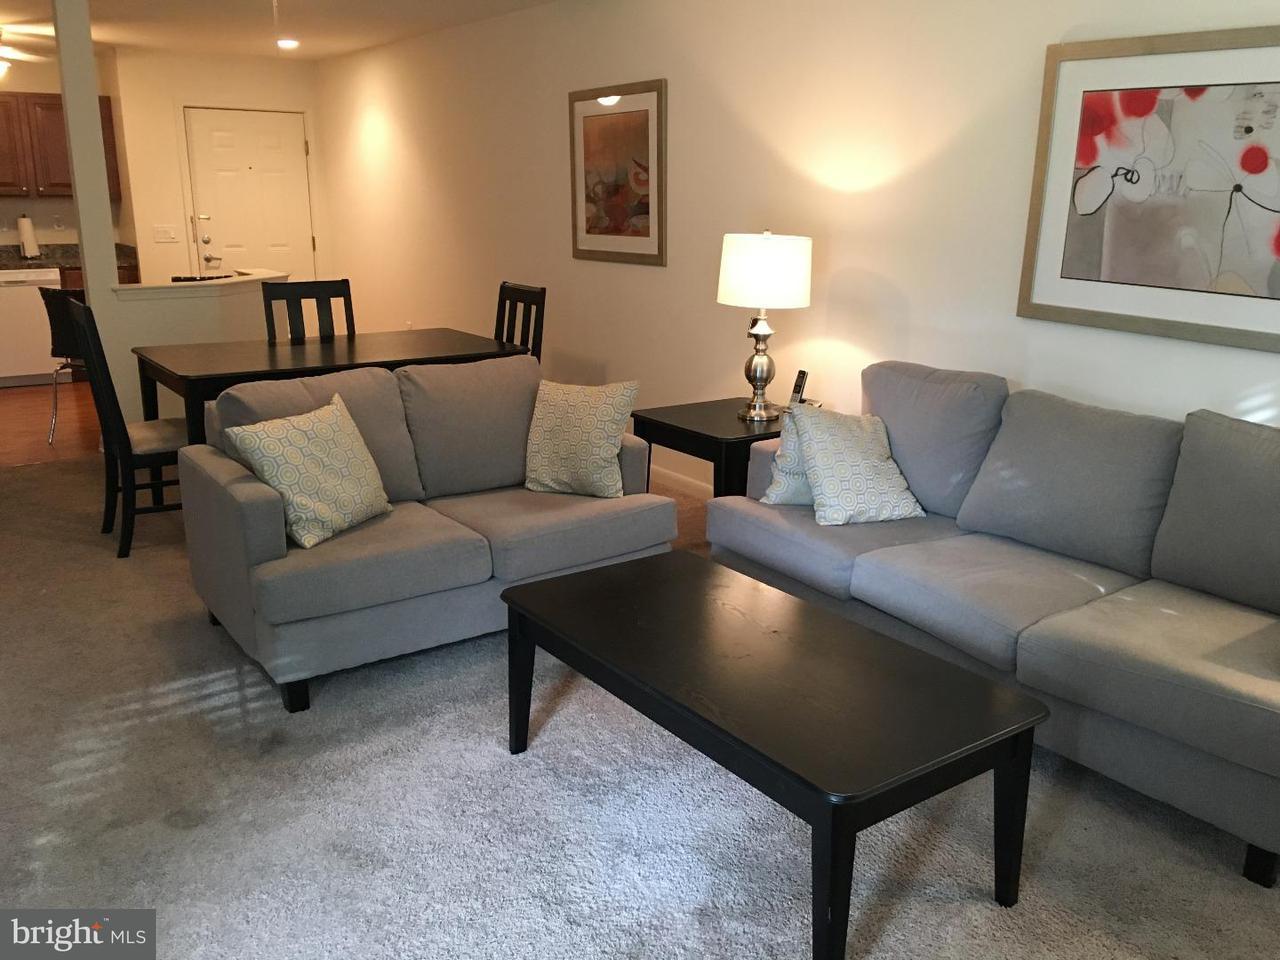 Casa Unifamiliar por un Alquiler en 3700 HERMITAGE DR #2414 Voorhees, Nueva Jersey 08043 Estados Unidos